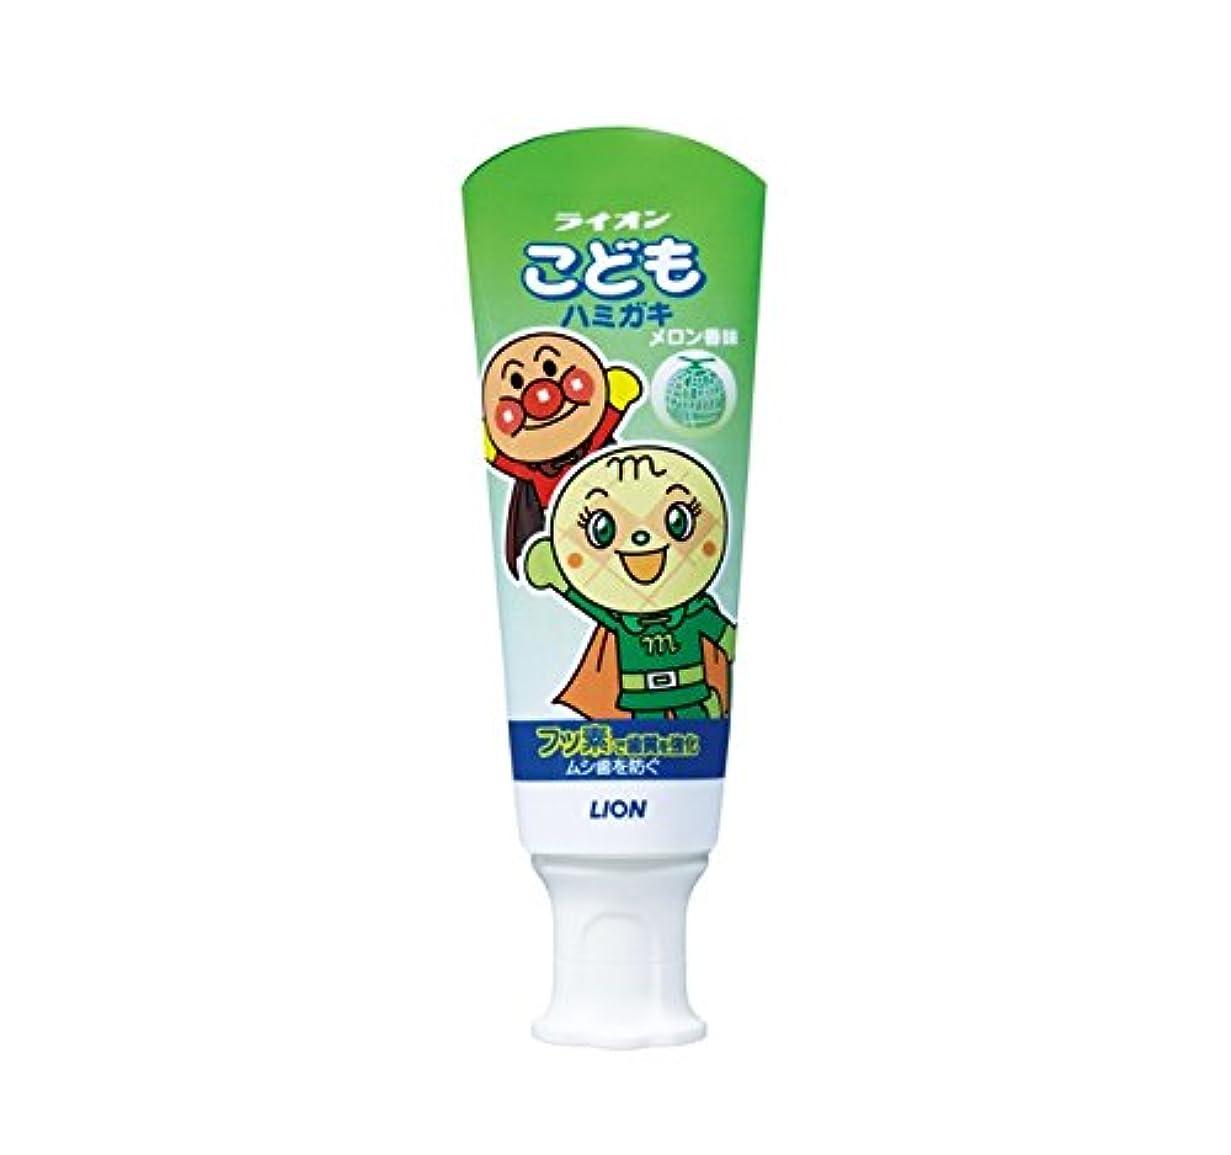 追い越す太字ガラガラこどもハミガキ アンパンマン メロン香味 40g (医薬部外品)